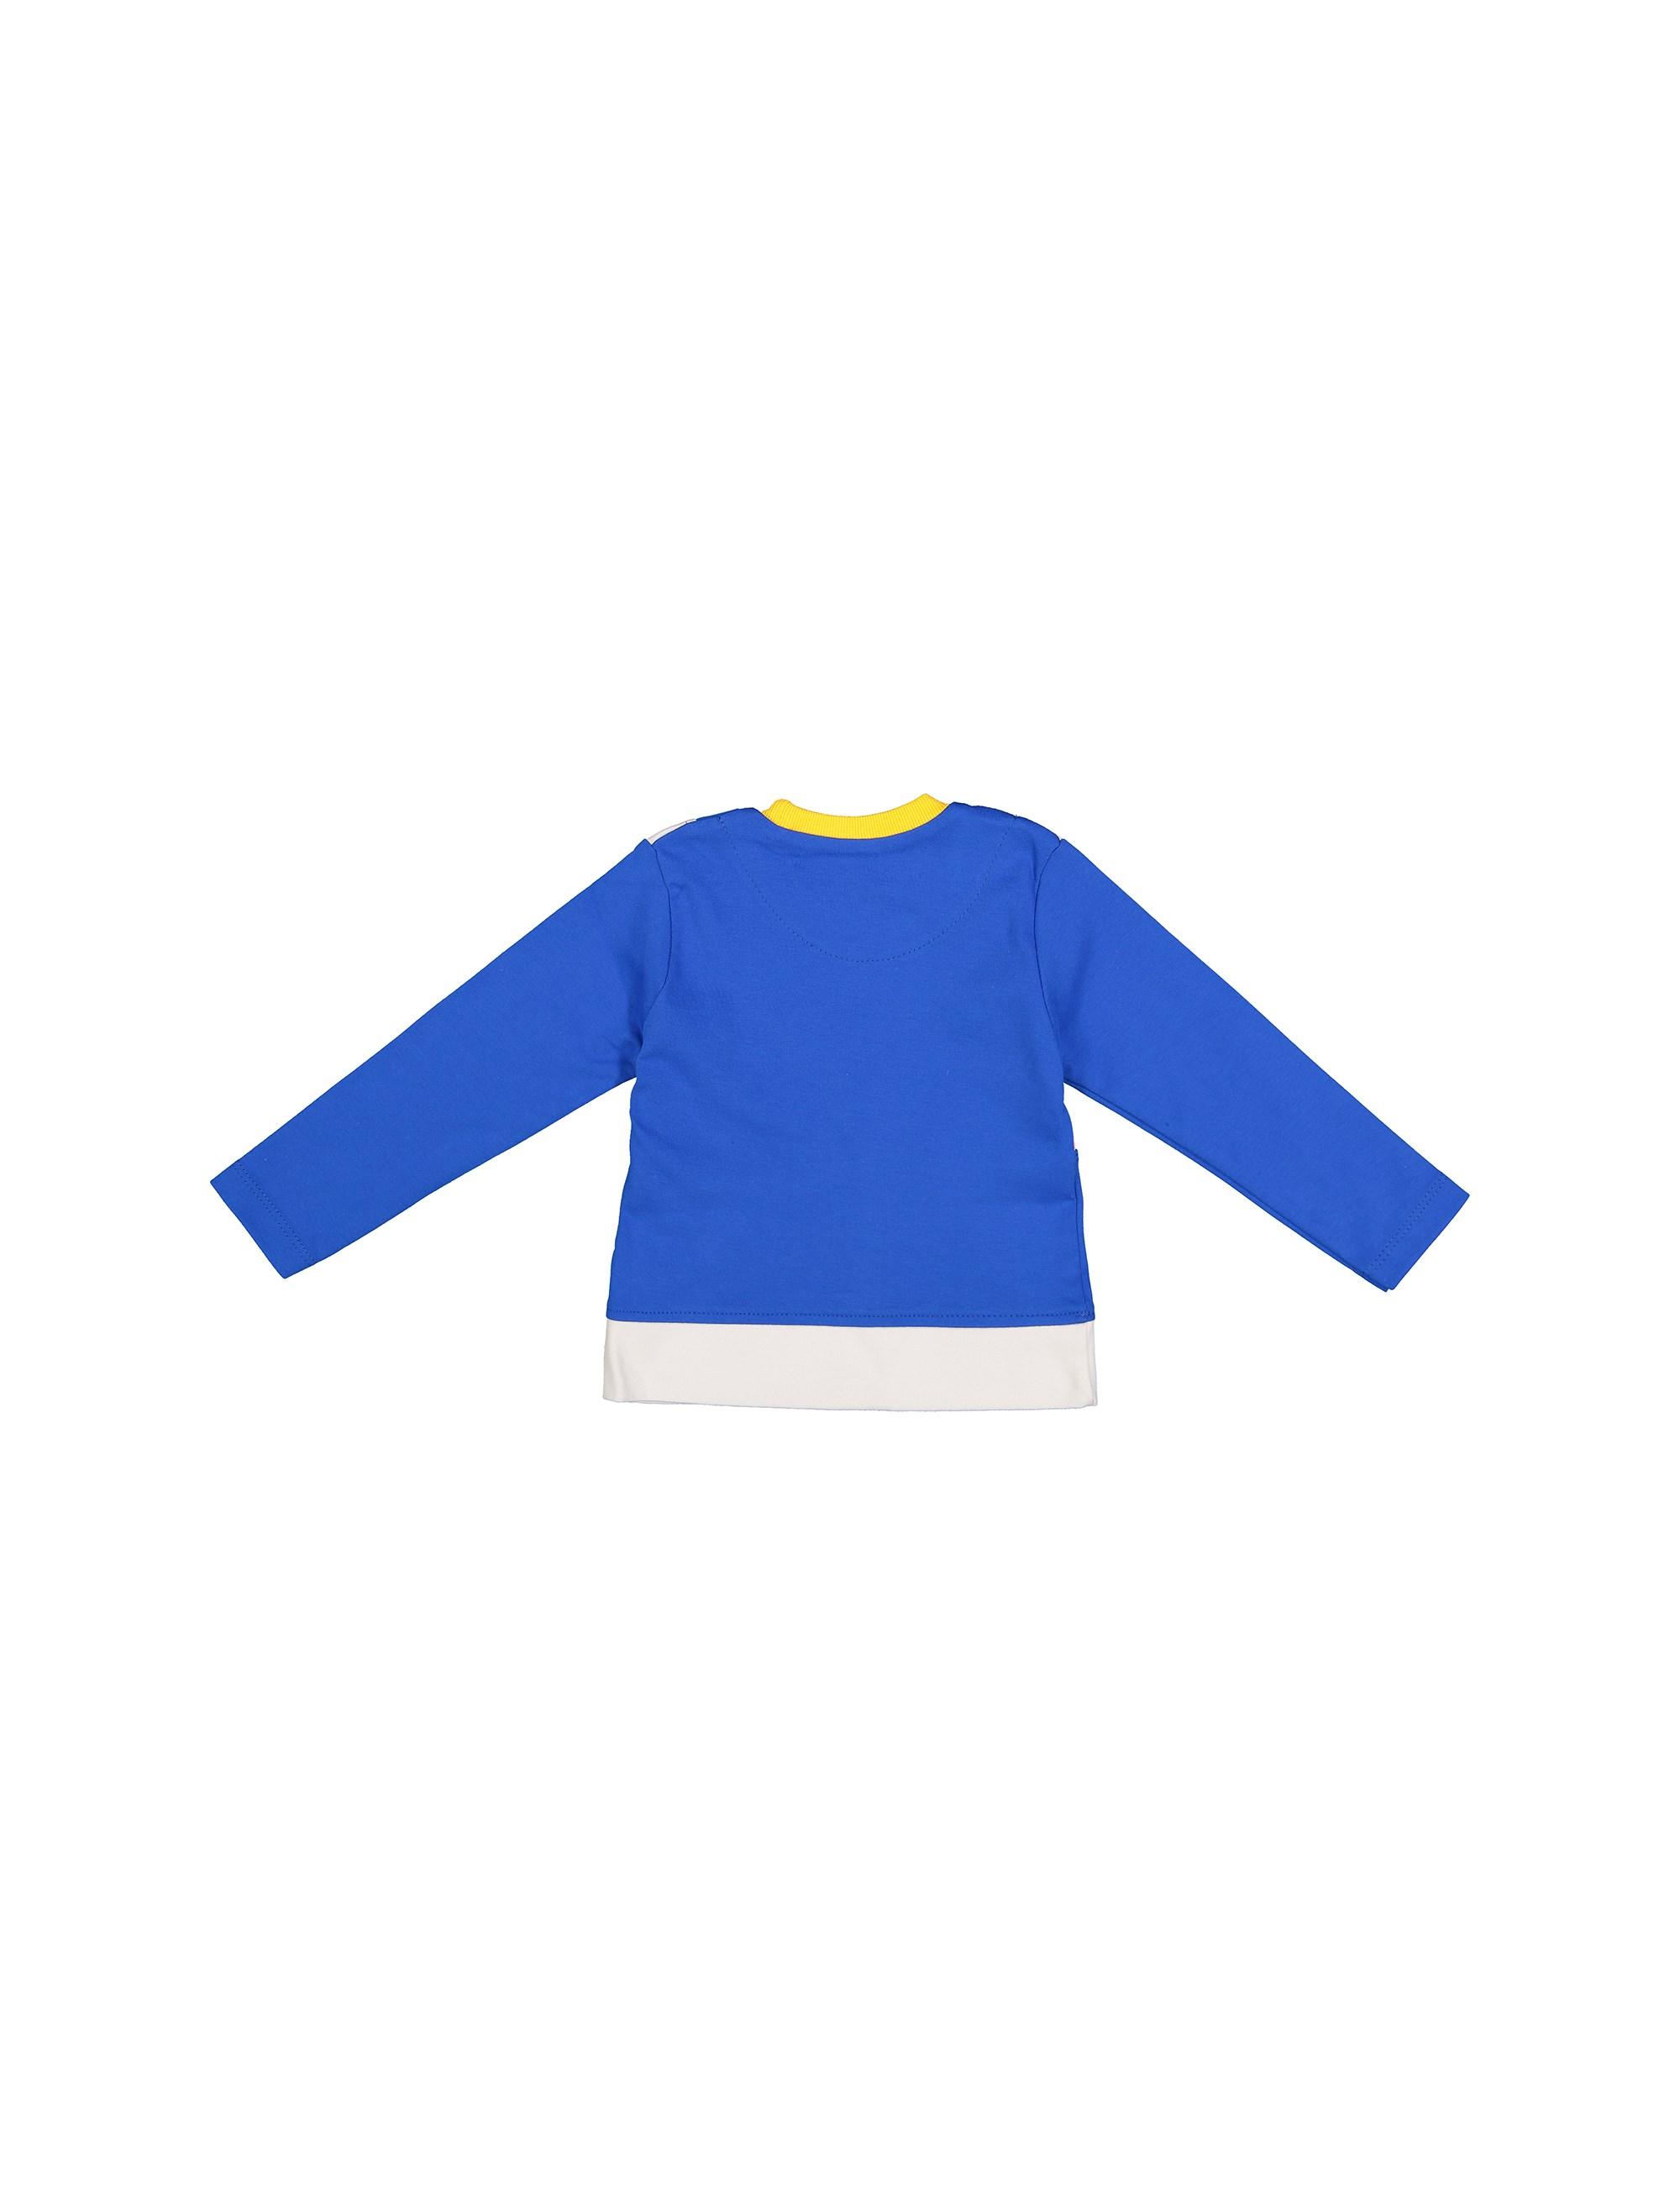 تی شرت نخی یقه گرد پسرانه - آبي - 2